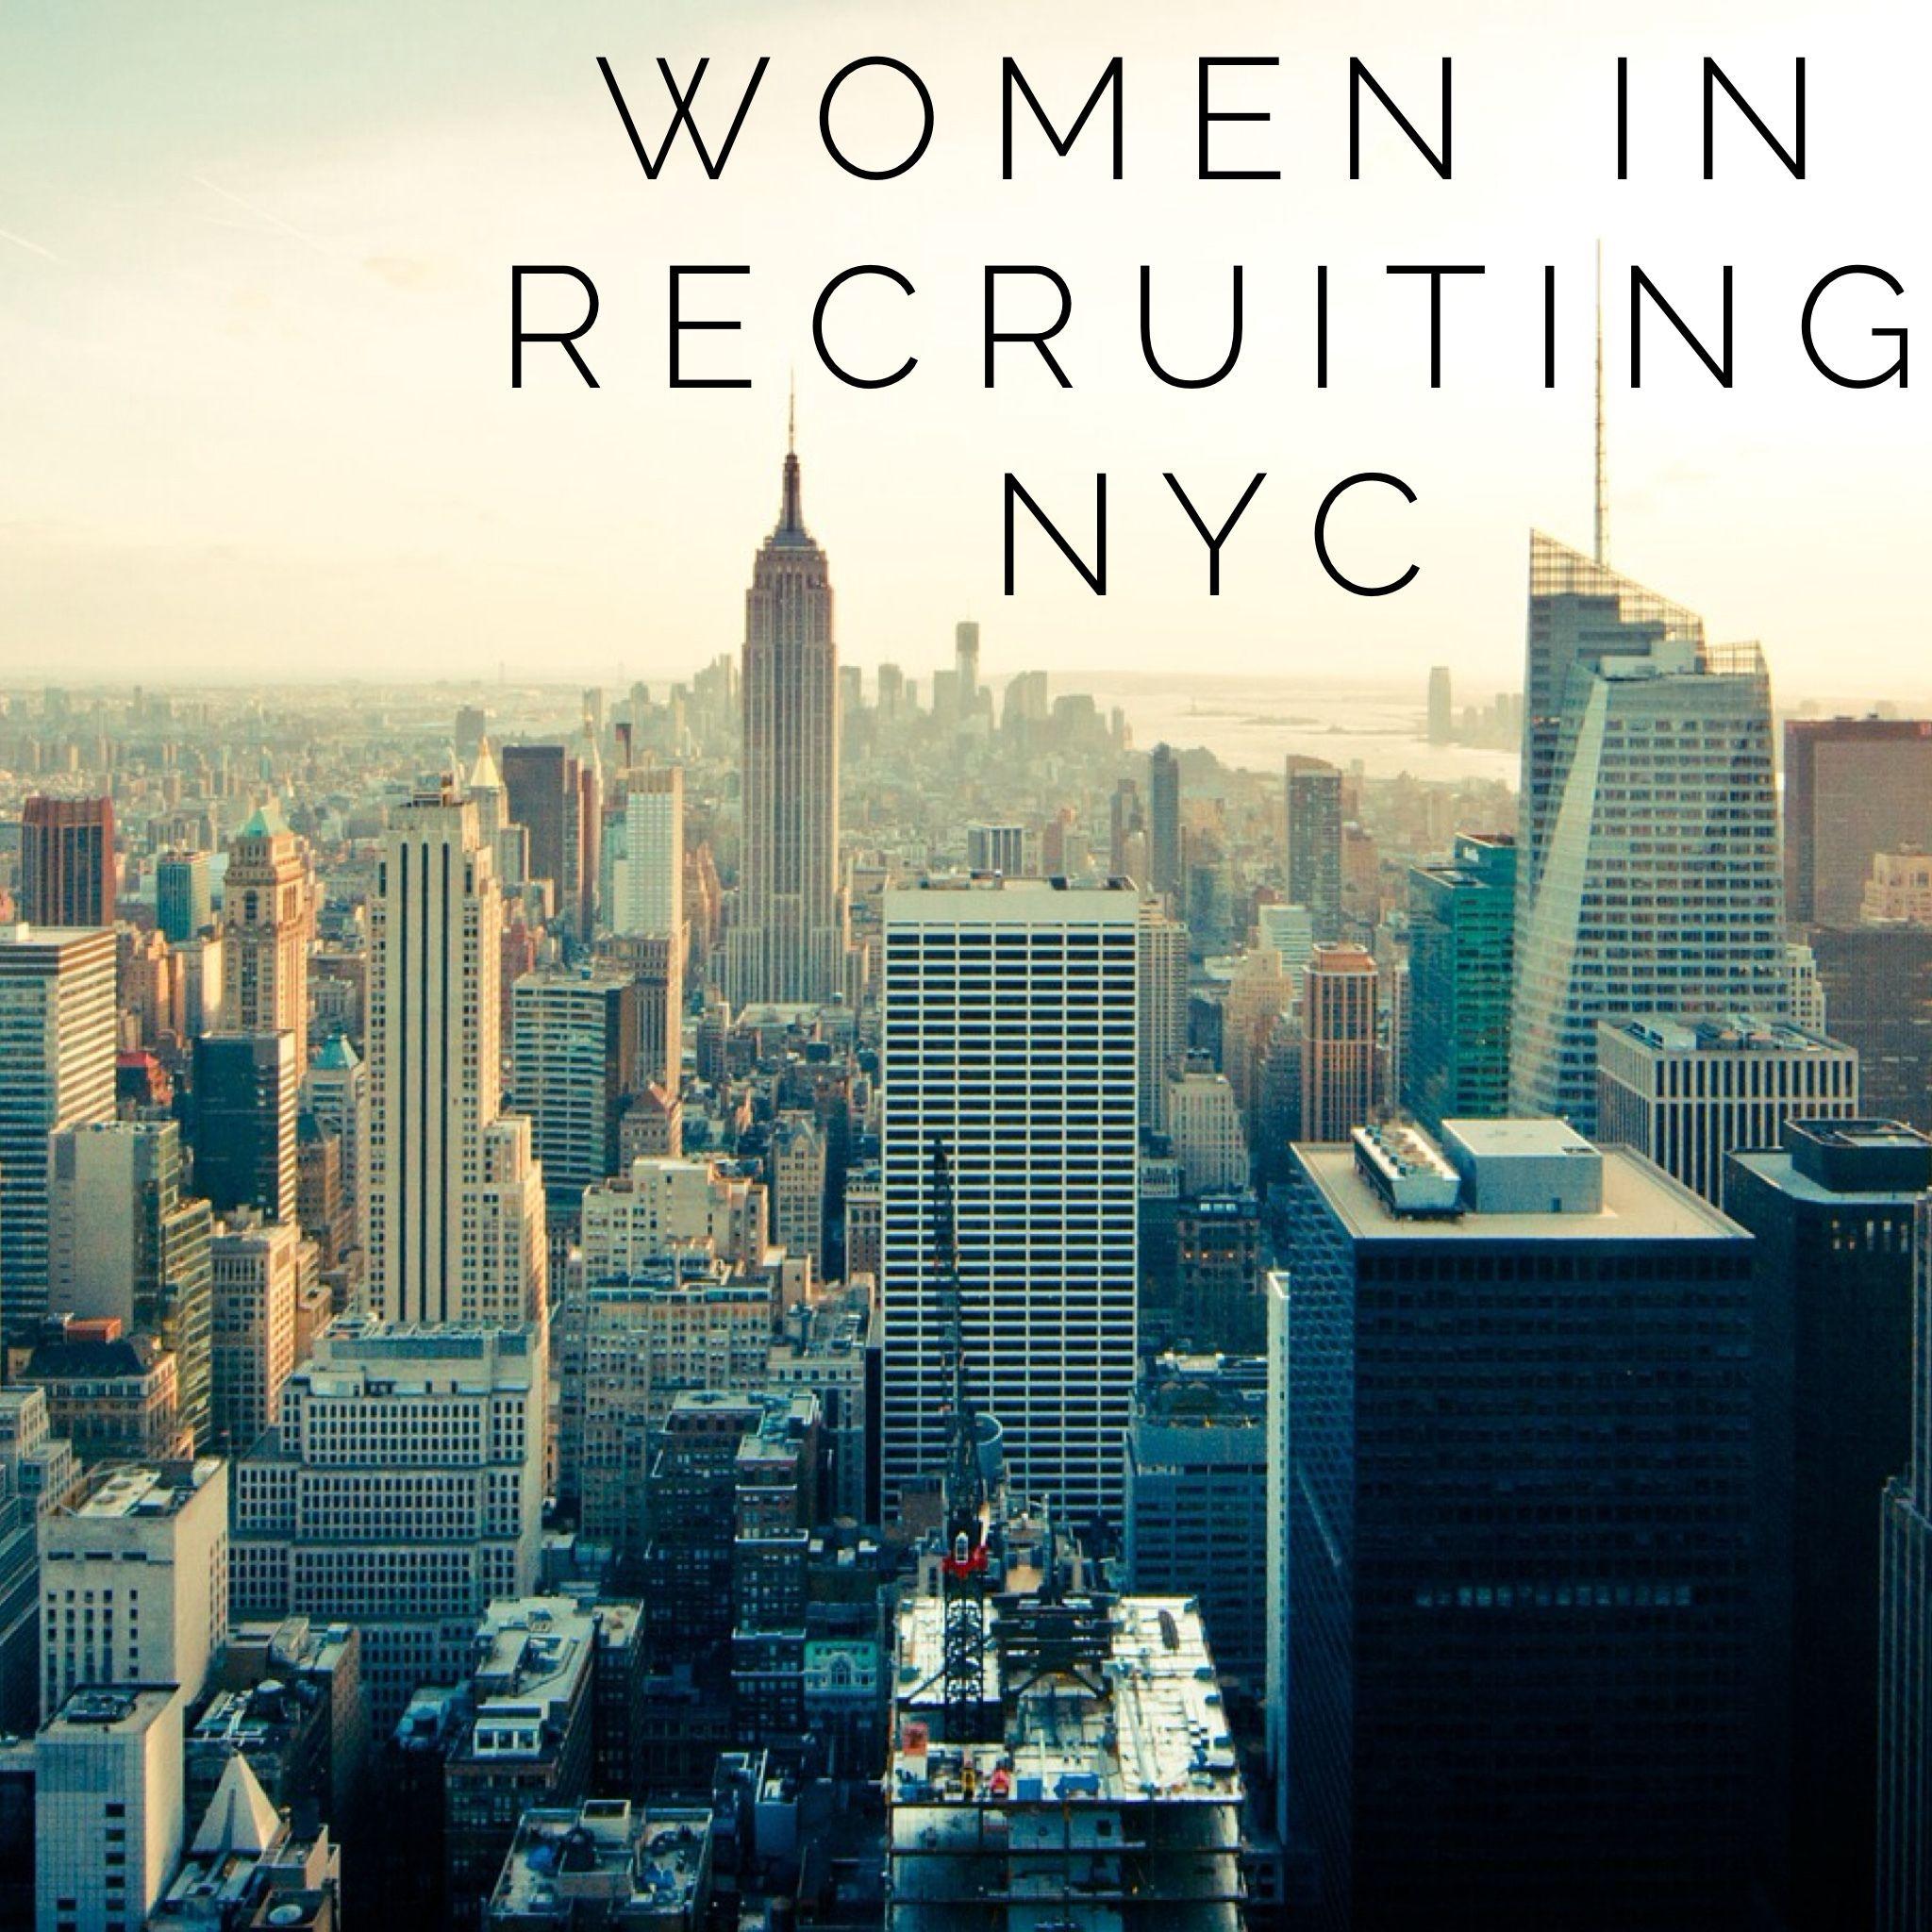 Women in Recruiting